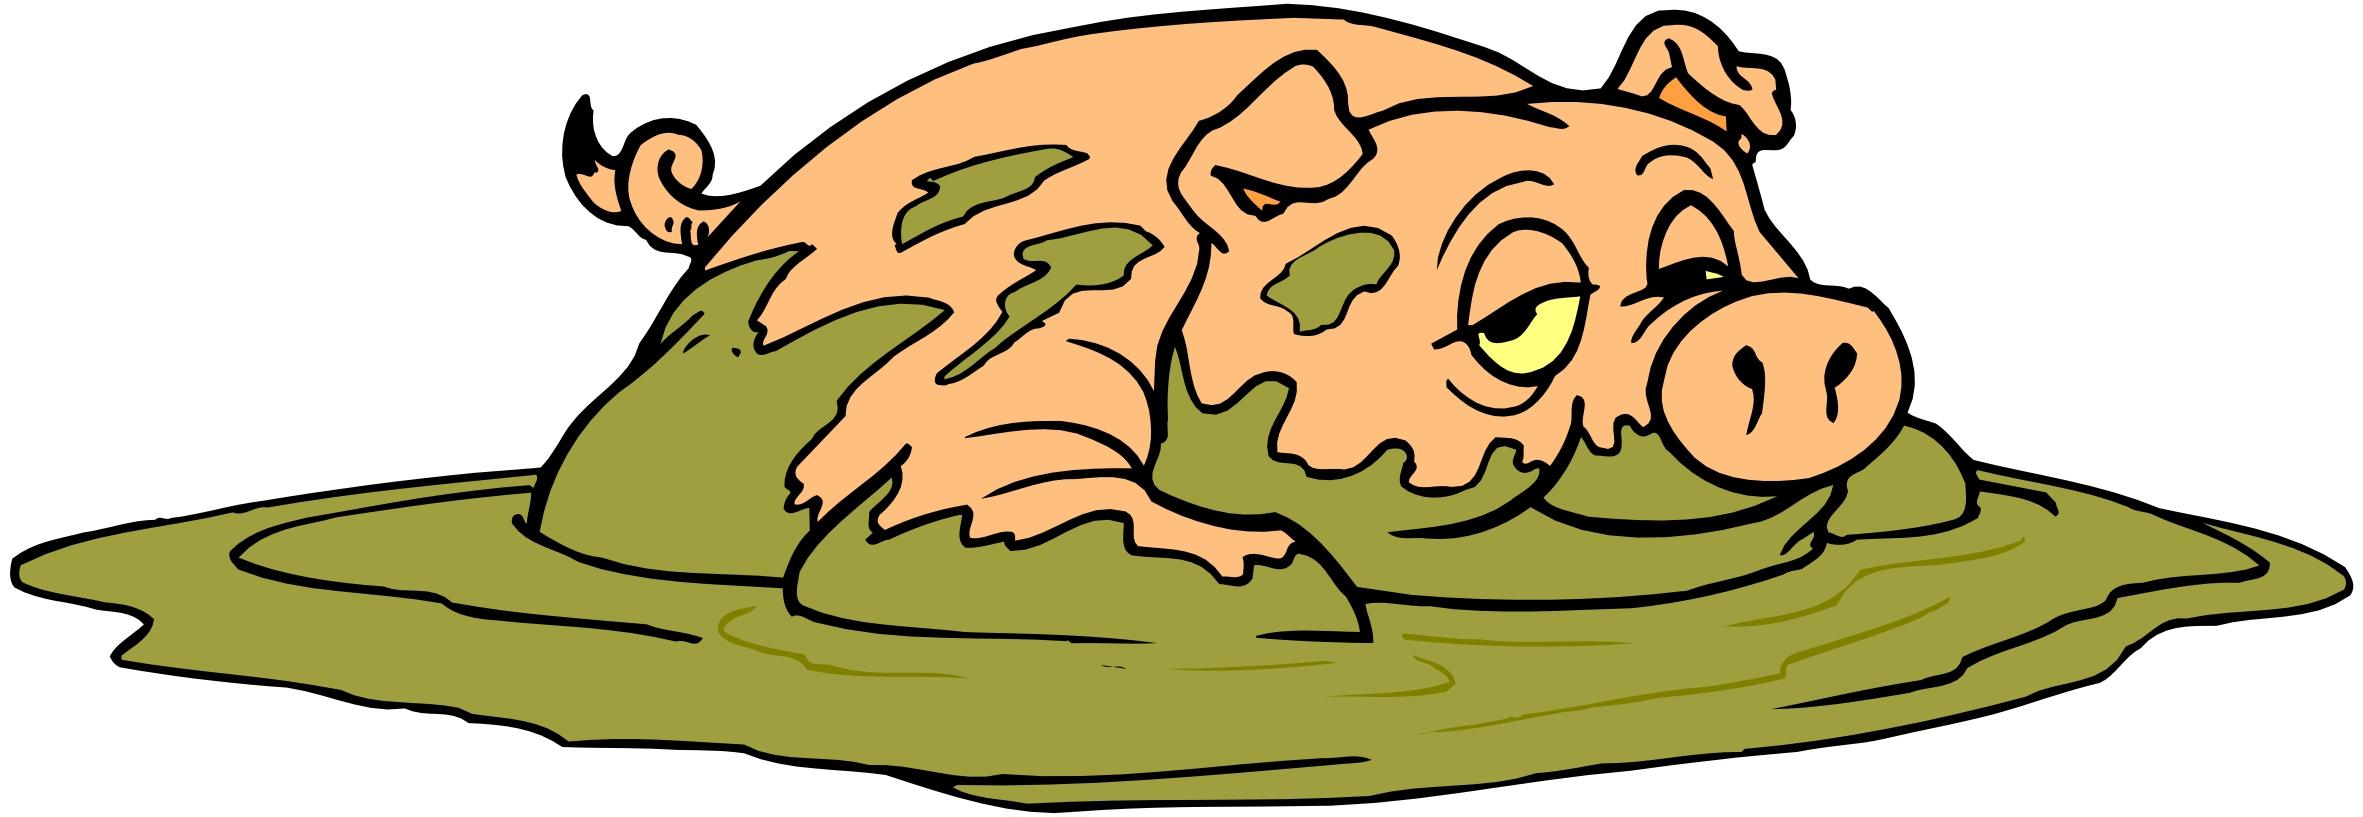 Pig In Mud Clipart - PNG Pig In Mud